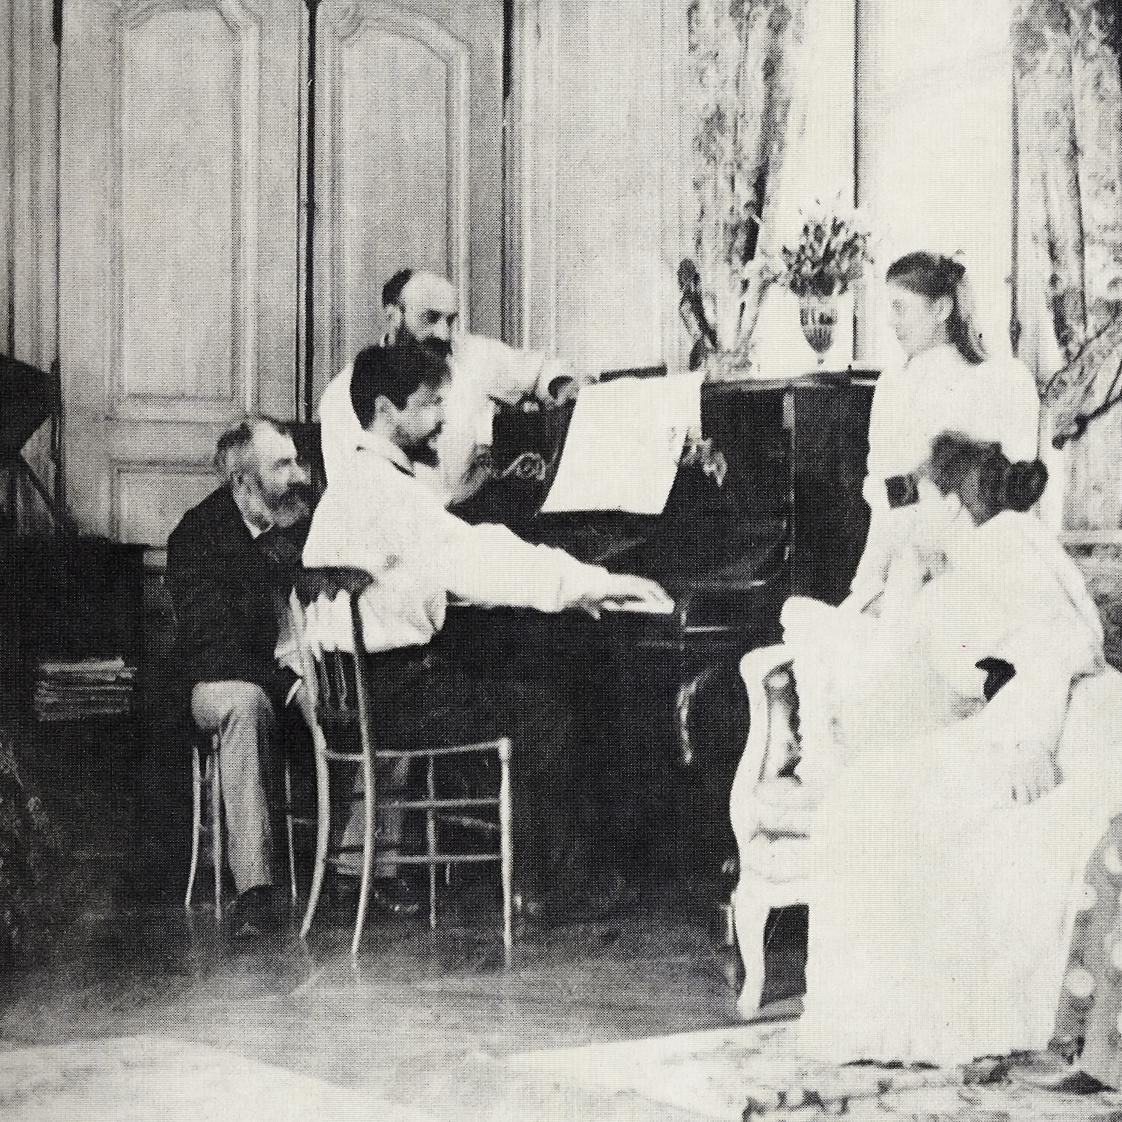 Claude Debussy am Klavier im Hause seines Freundes Ernest Chausson, 1893